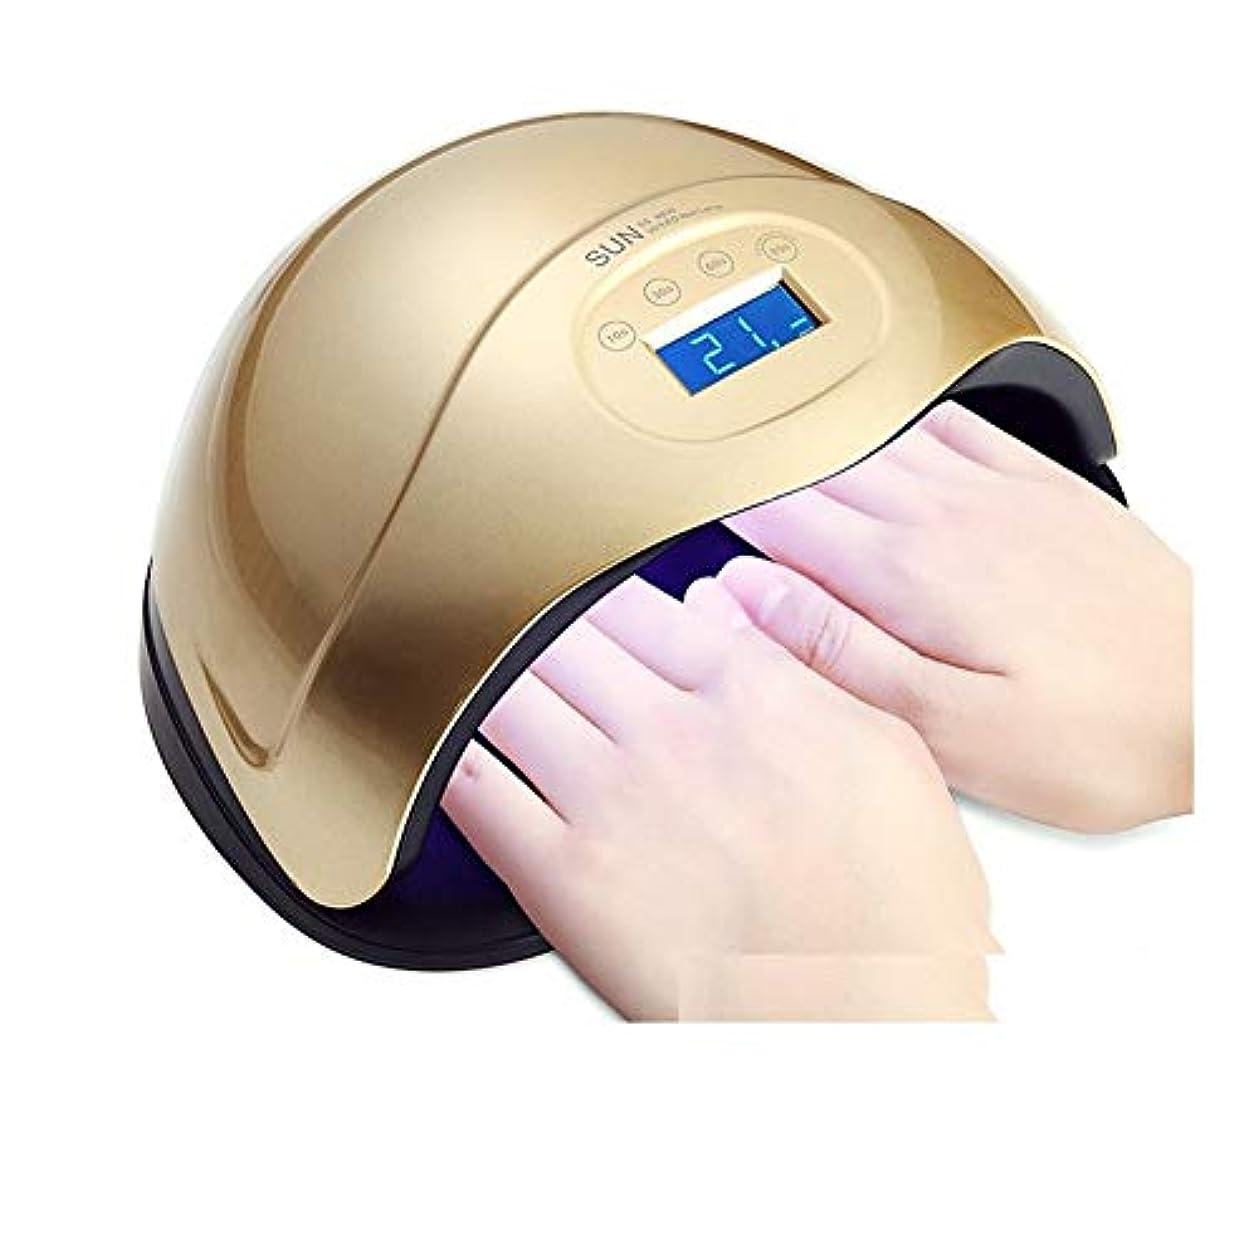 居眠りする選ぶ化学LittleCat 48ワットネイルUVランプネイルネイル工作機械ハンズライト光線療法 (色 : 48W pink)